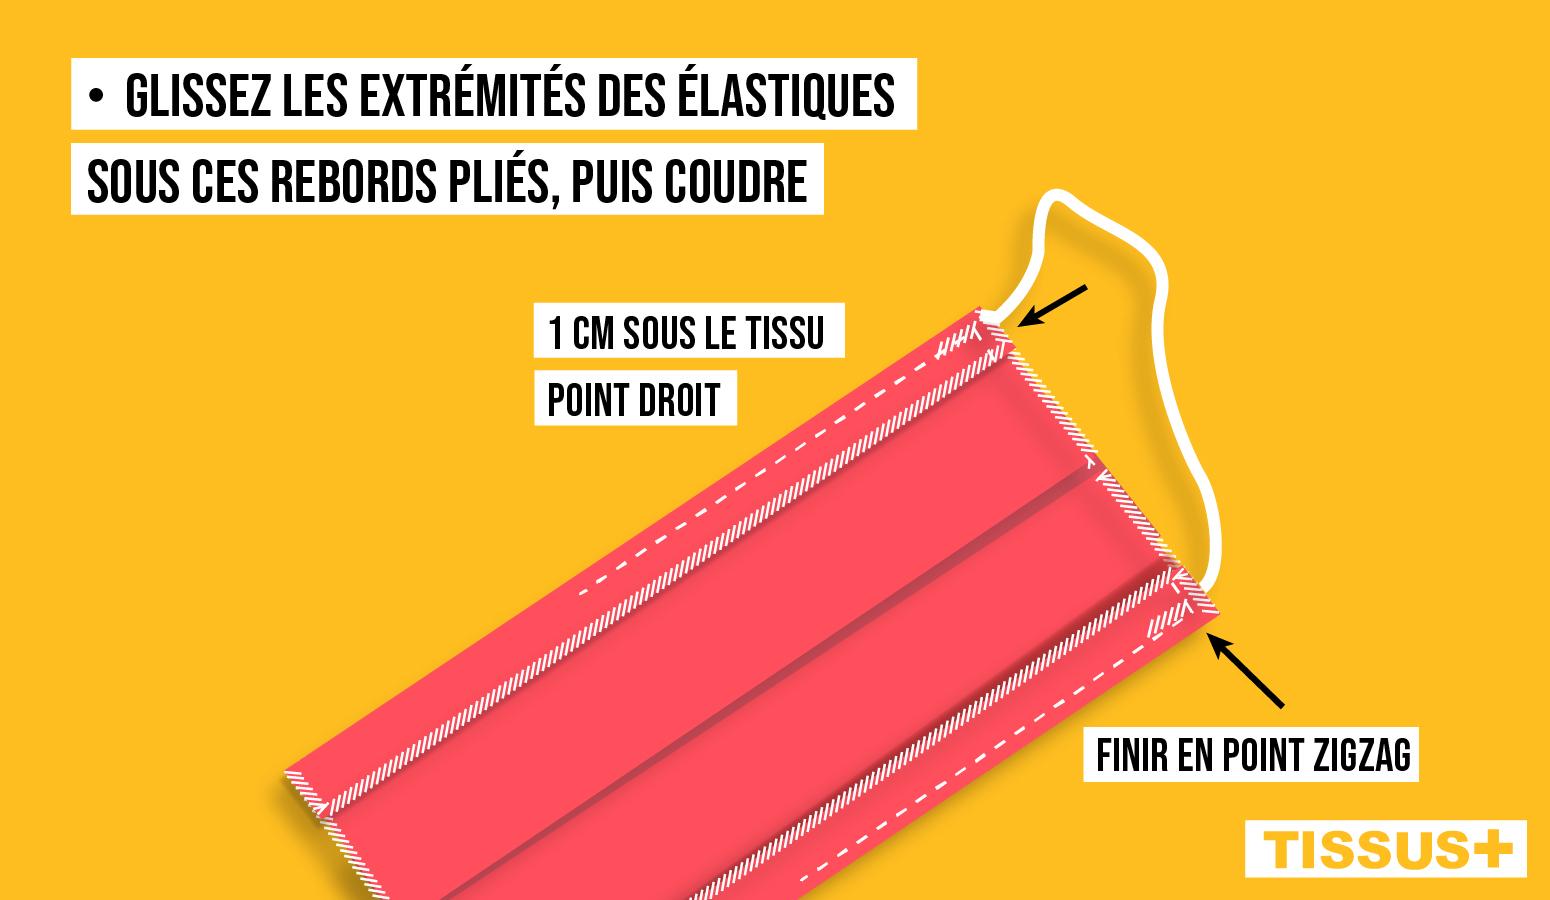 Glissez les extrémités des élastiques sous ces rebords pliés, coudre puis finir en point zig zag